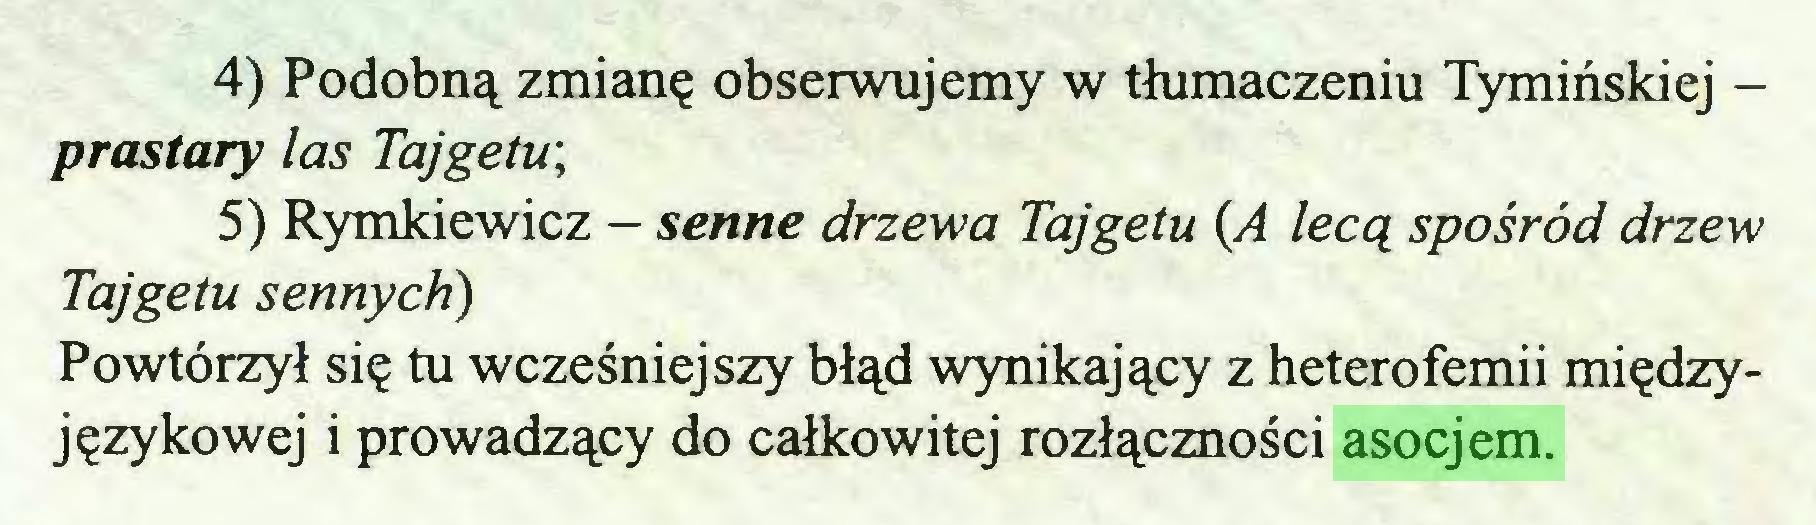 (...) 4) Podobną zmianę obserwujemy w tłumaczeniu Tymińskiej prastary las Tajgetu; 5) Rymkiewicz - senne drzewa Tajgetu (A lecą spośród drzew Tajgetu sennych) Powtórzył się tu wcześniejszy błąd wynikający z heterofemii międzyjęzykowej i prowadzący do całkowitej rozłączności asocjem...